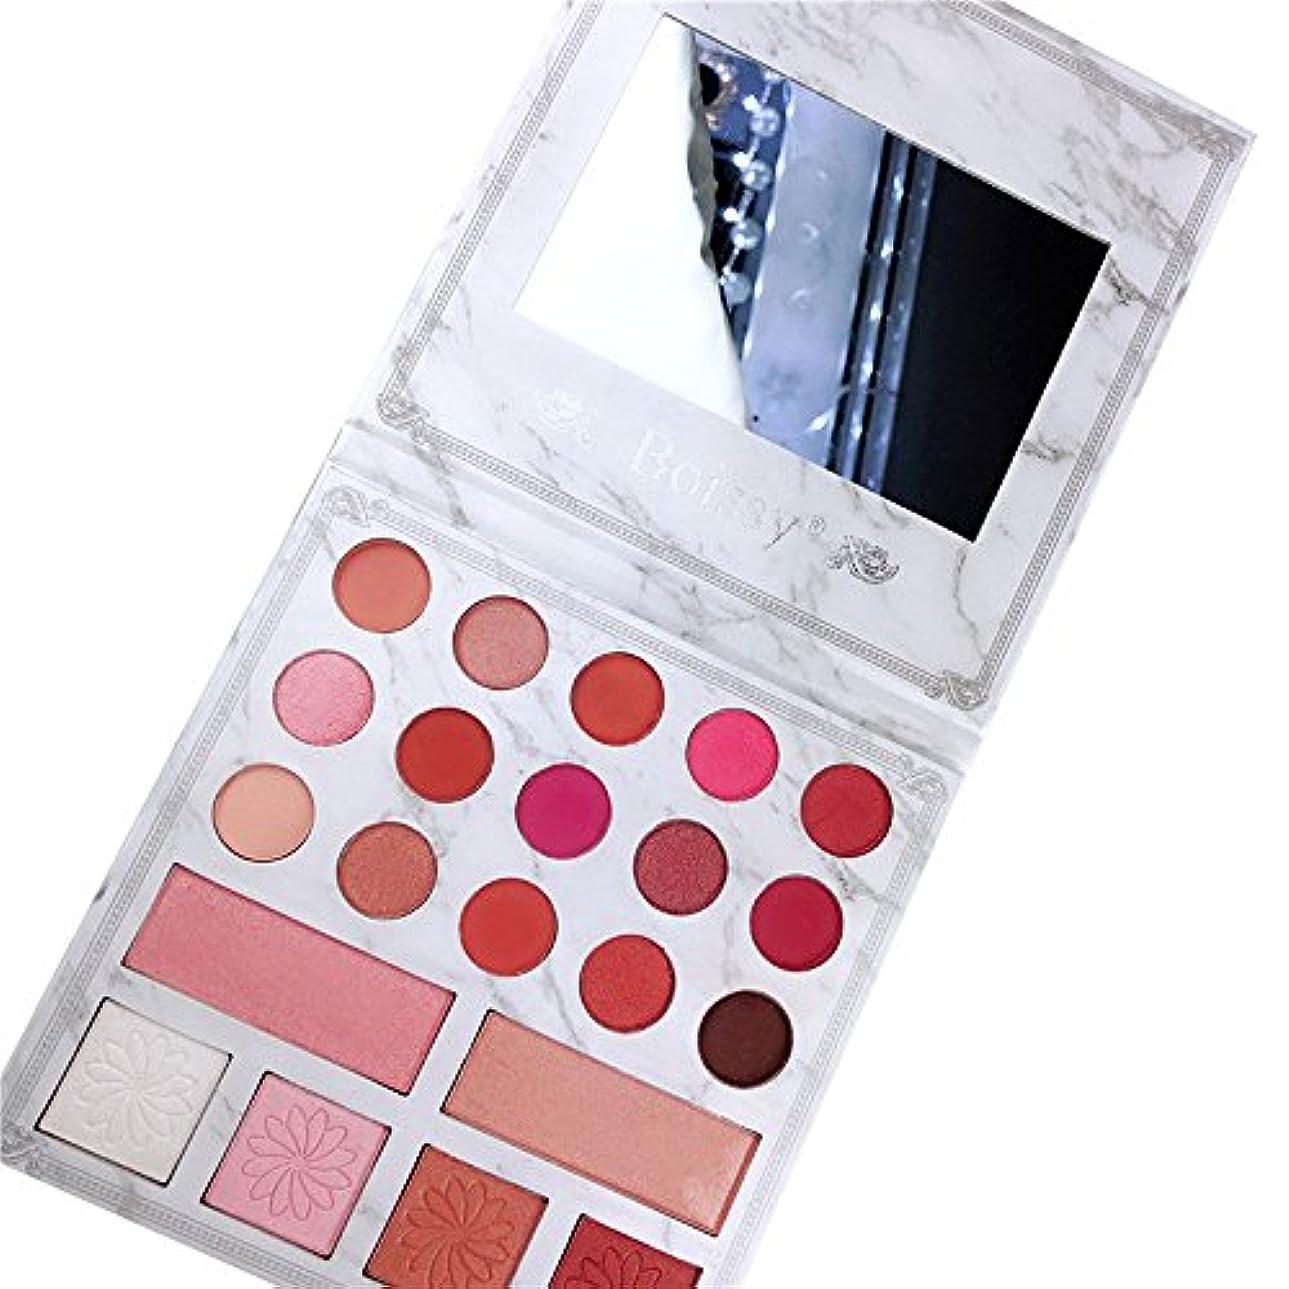 シードなに国勢調査21色シマーマットアイシャドウアイシャドウパレットプロ化粧品メイクアップツール